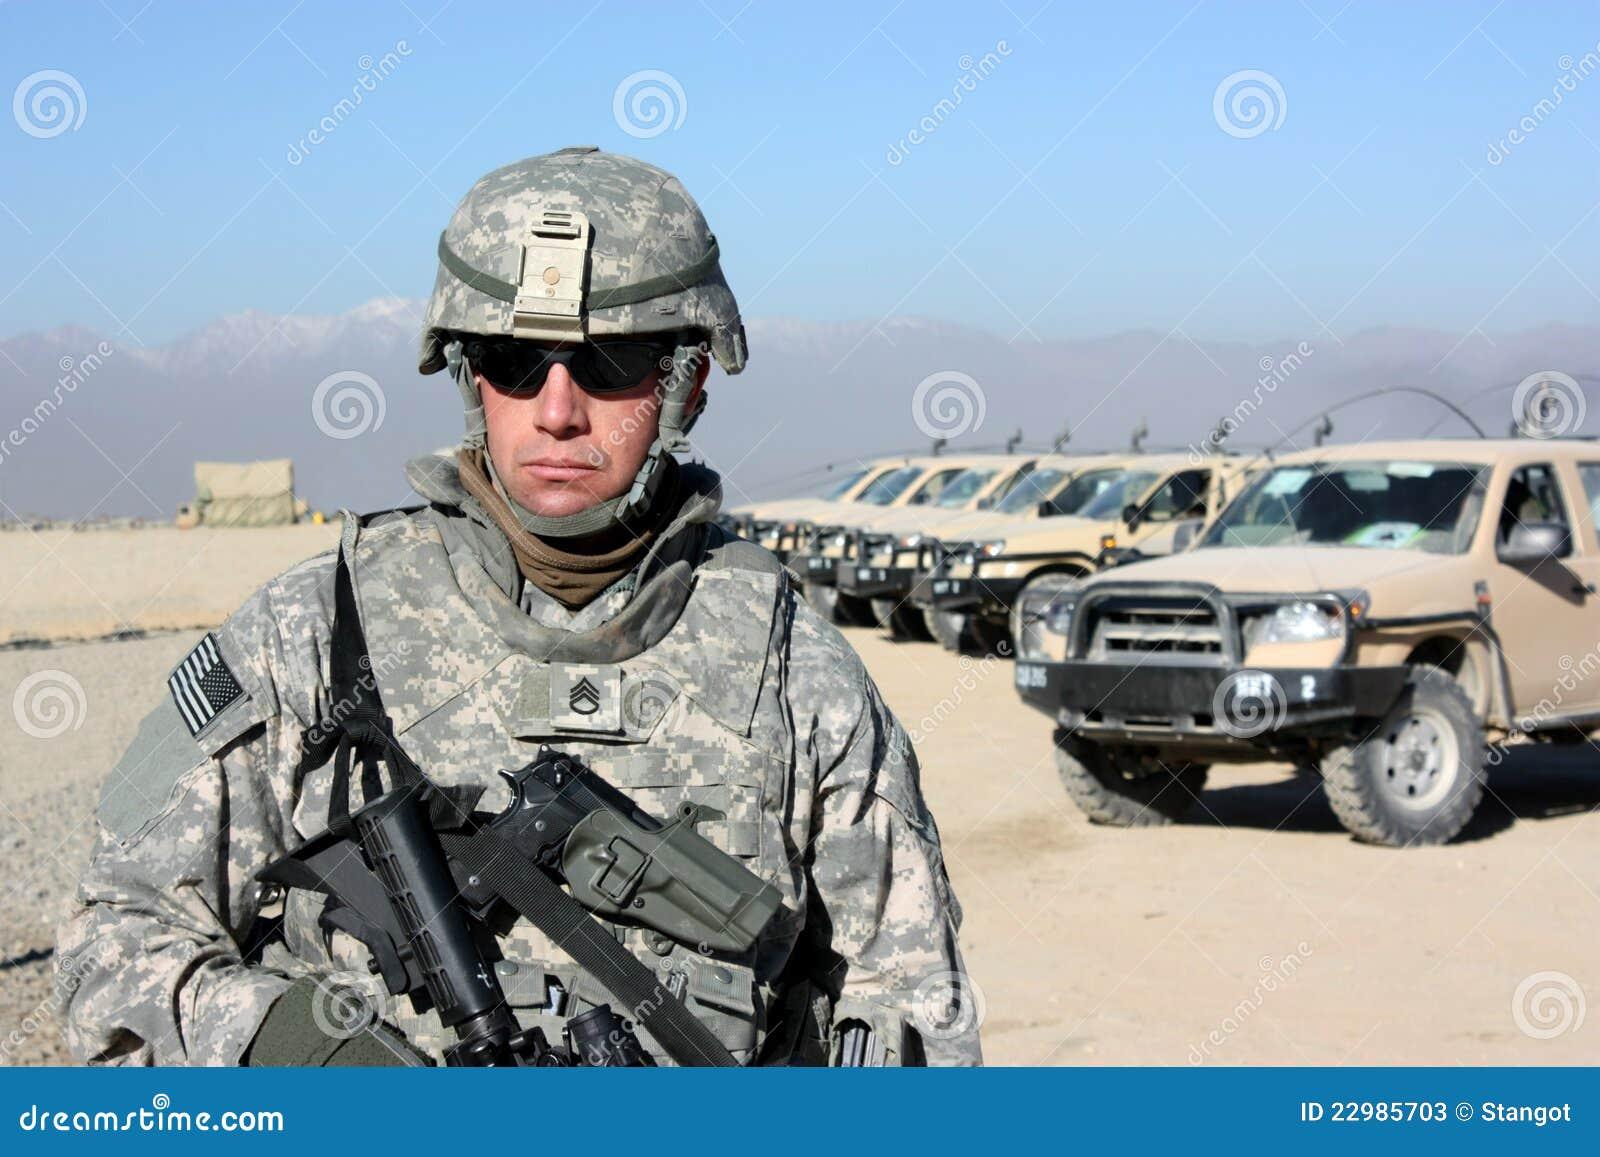 Soldier outdoor